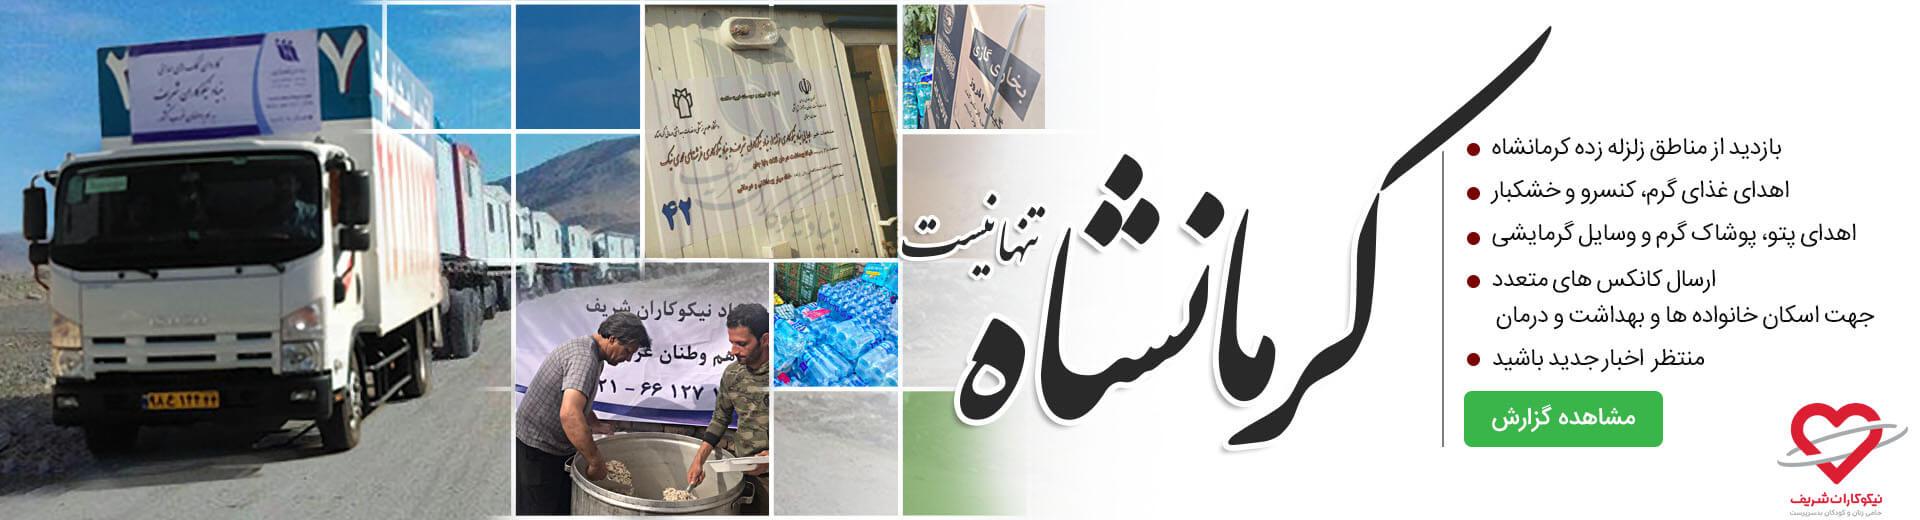 گزارش حمایت خیریه نیکوکاران شریف از زلزله زدگان کرمانشاه